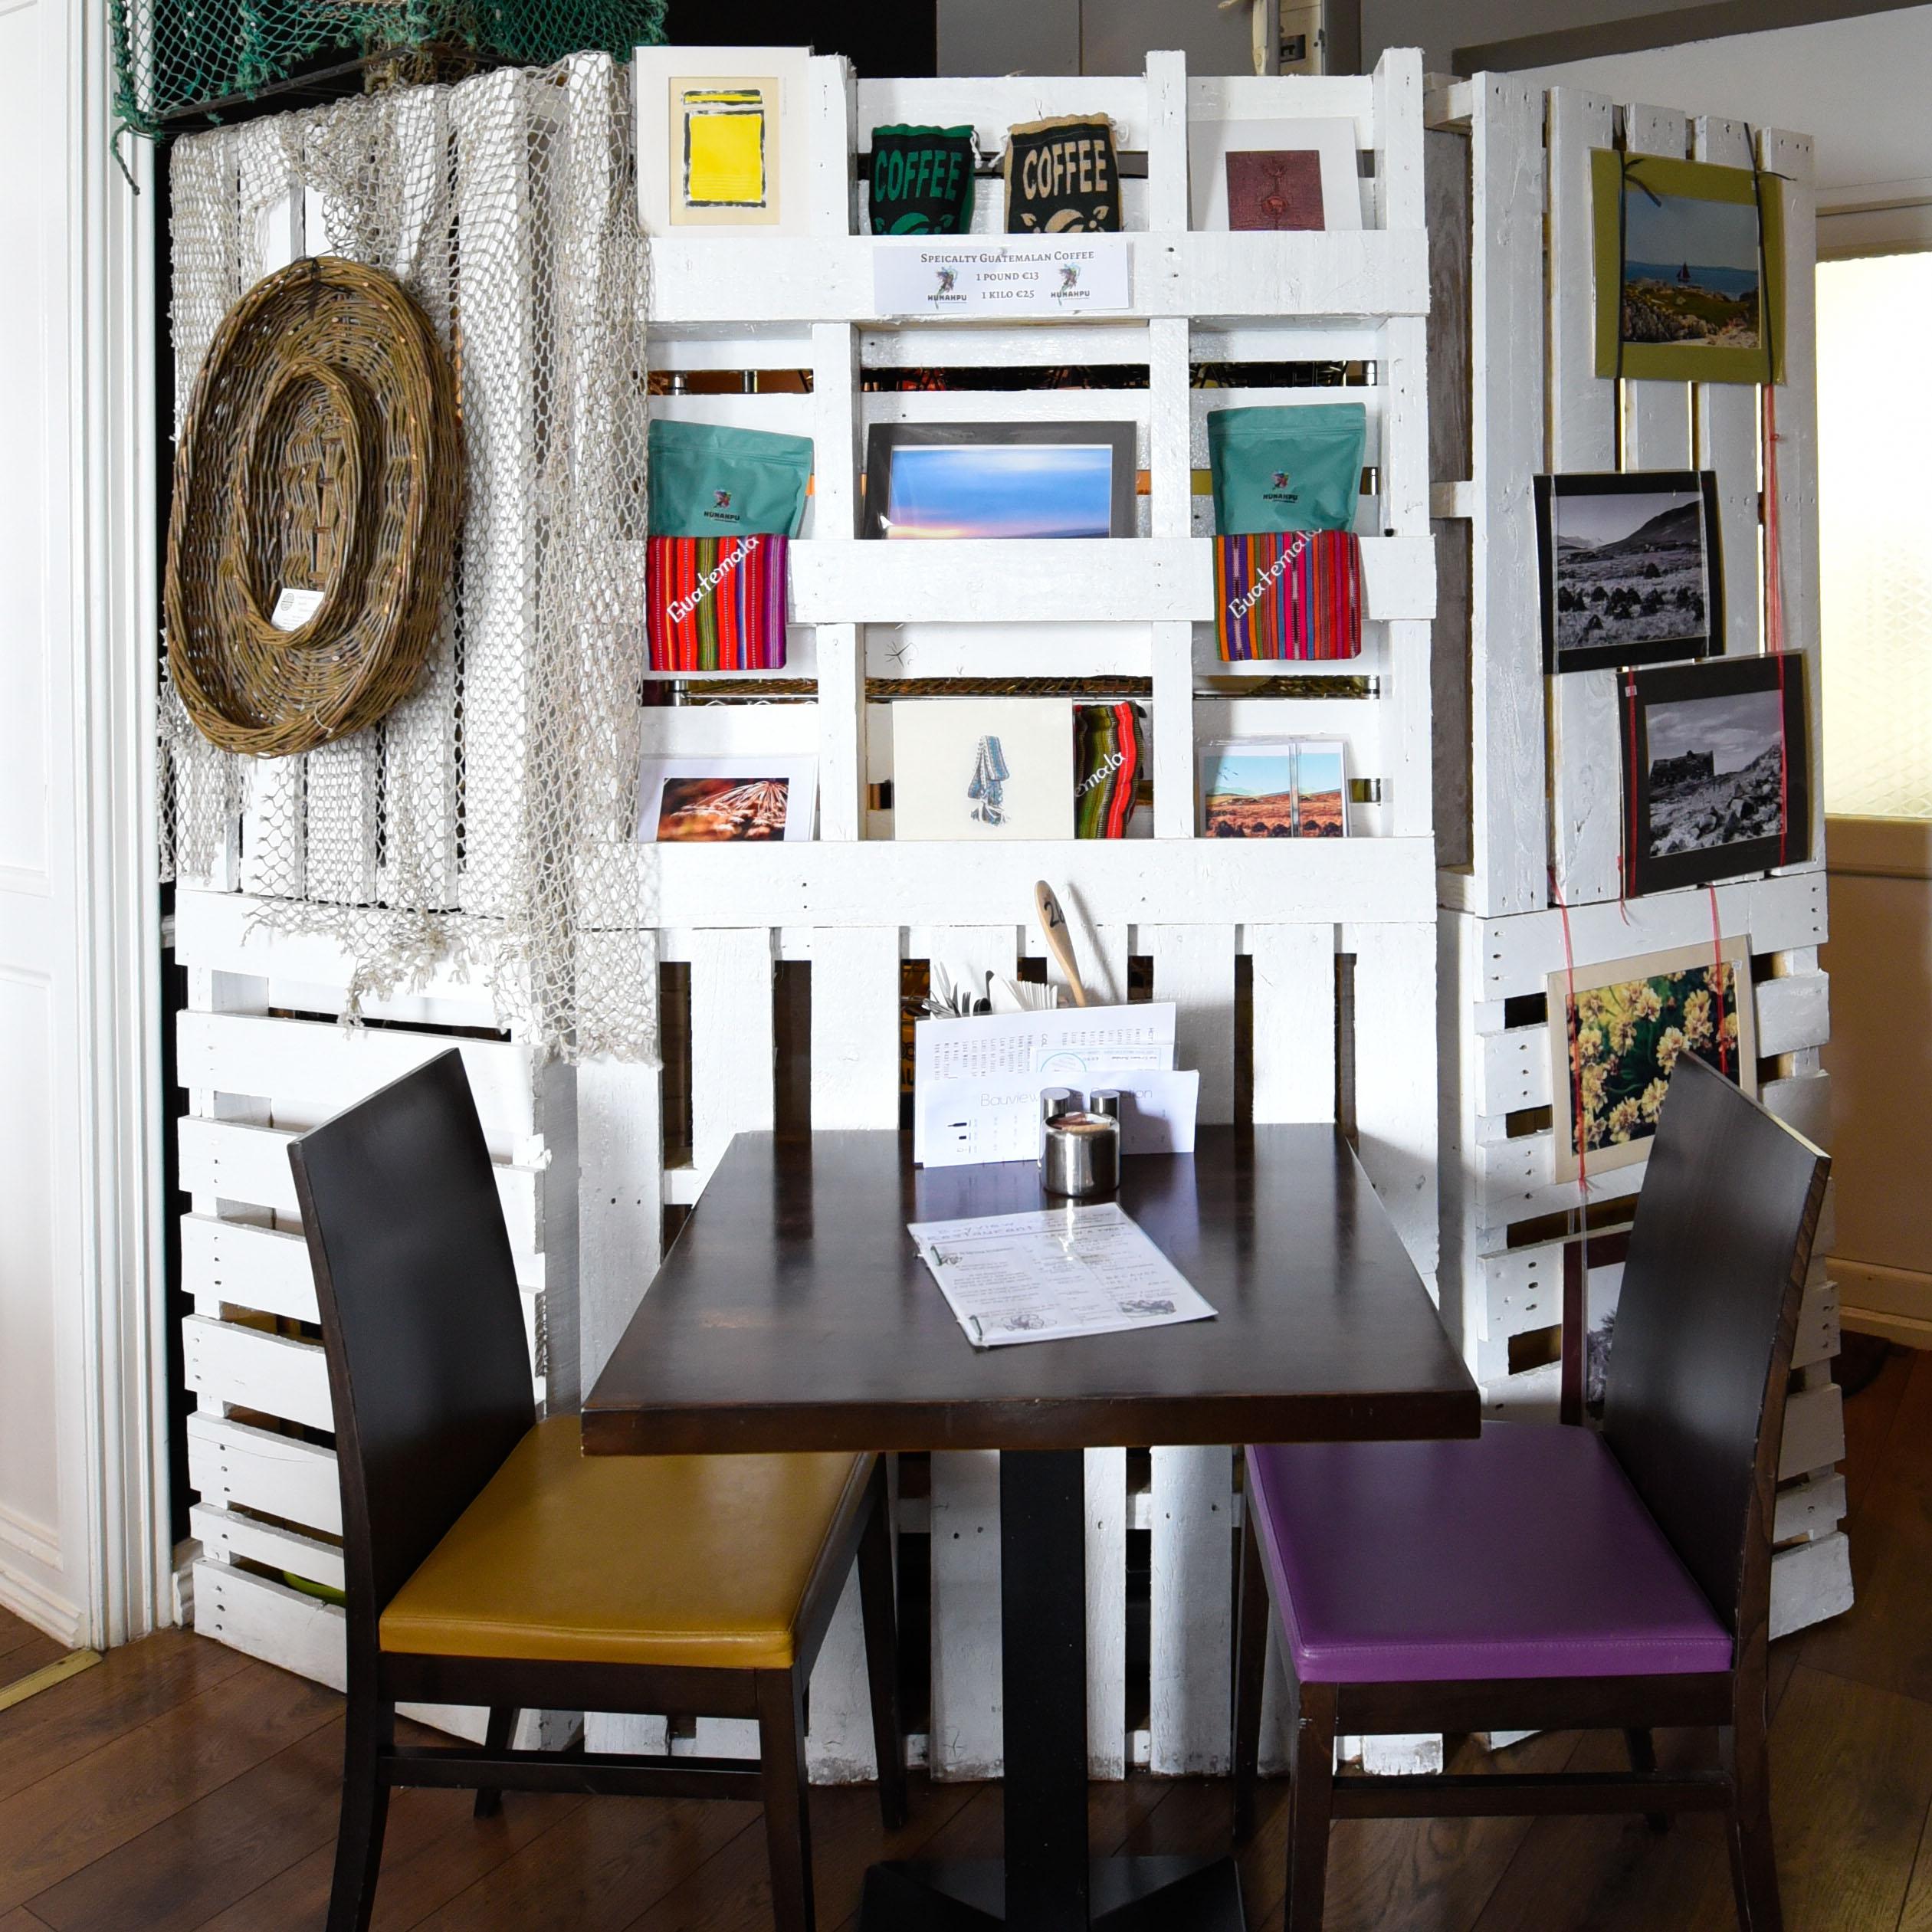 Bayview-Restaurant-3-1.jpg